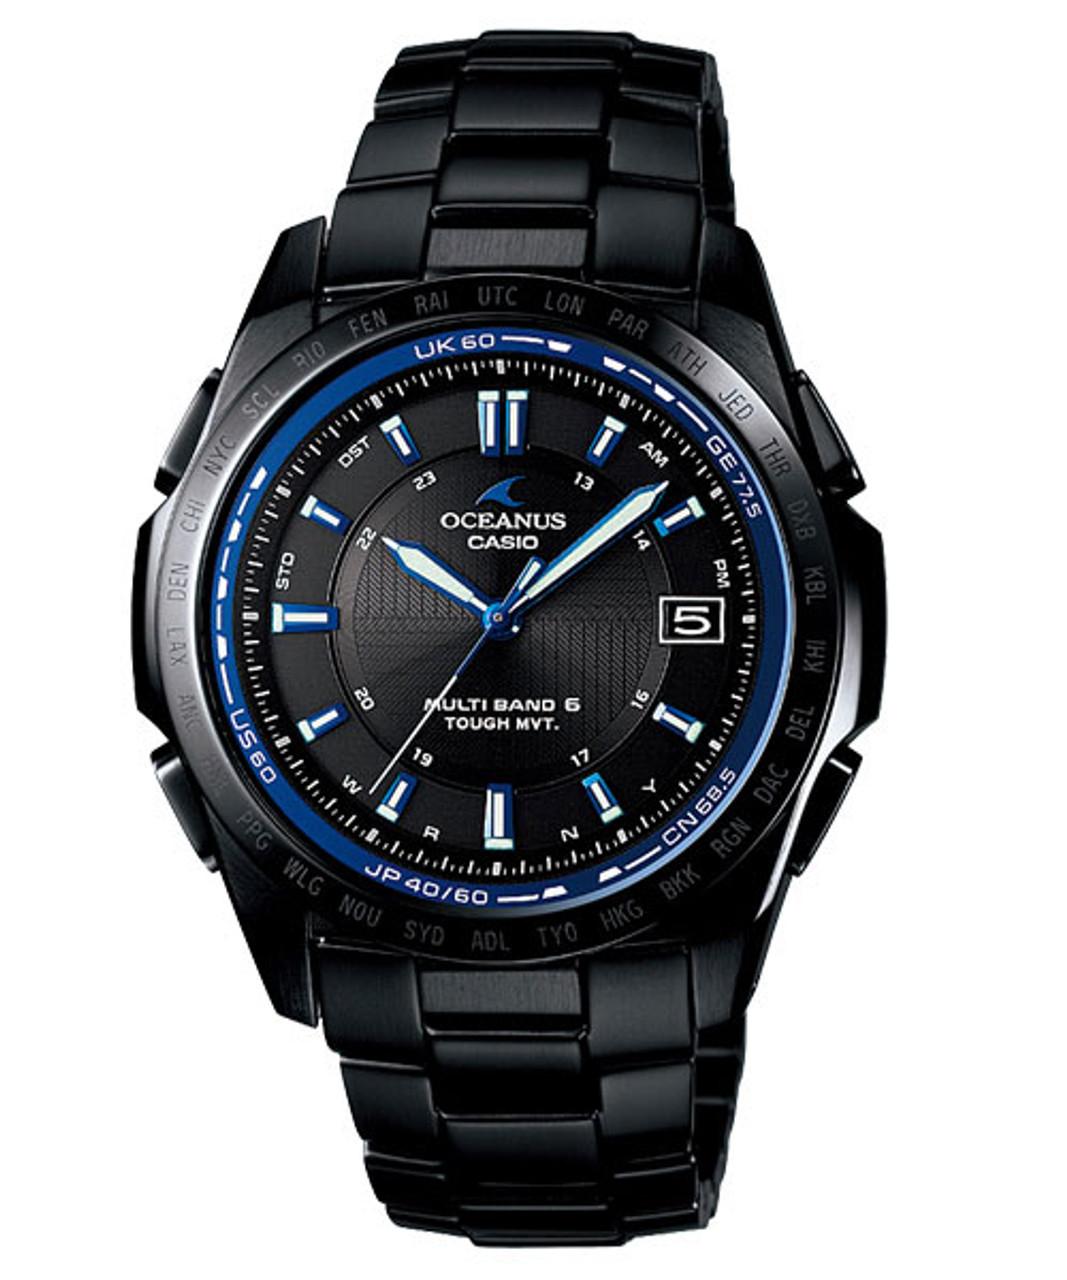 Casio Oceanus OCW-T100TB-1AJF Solar Atomic